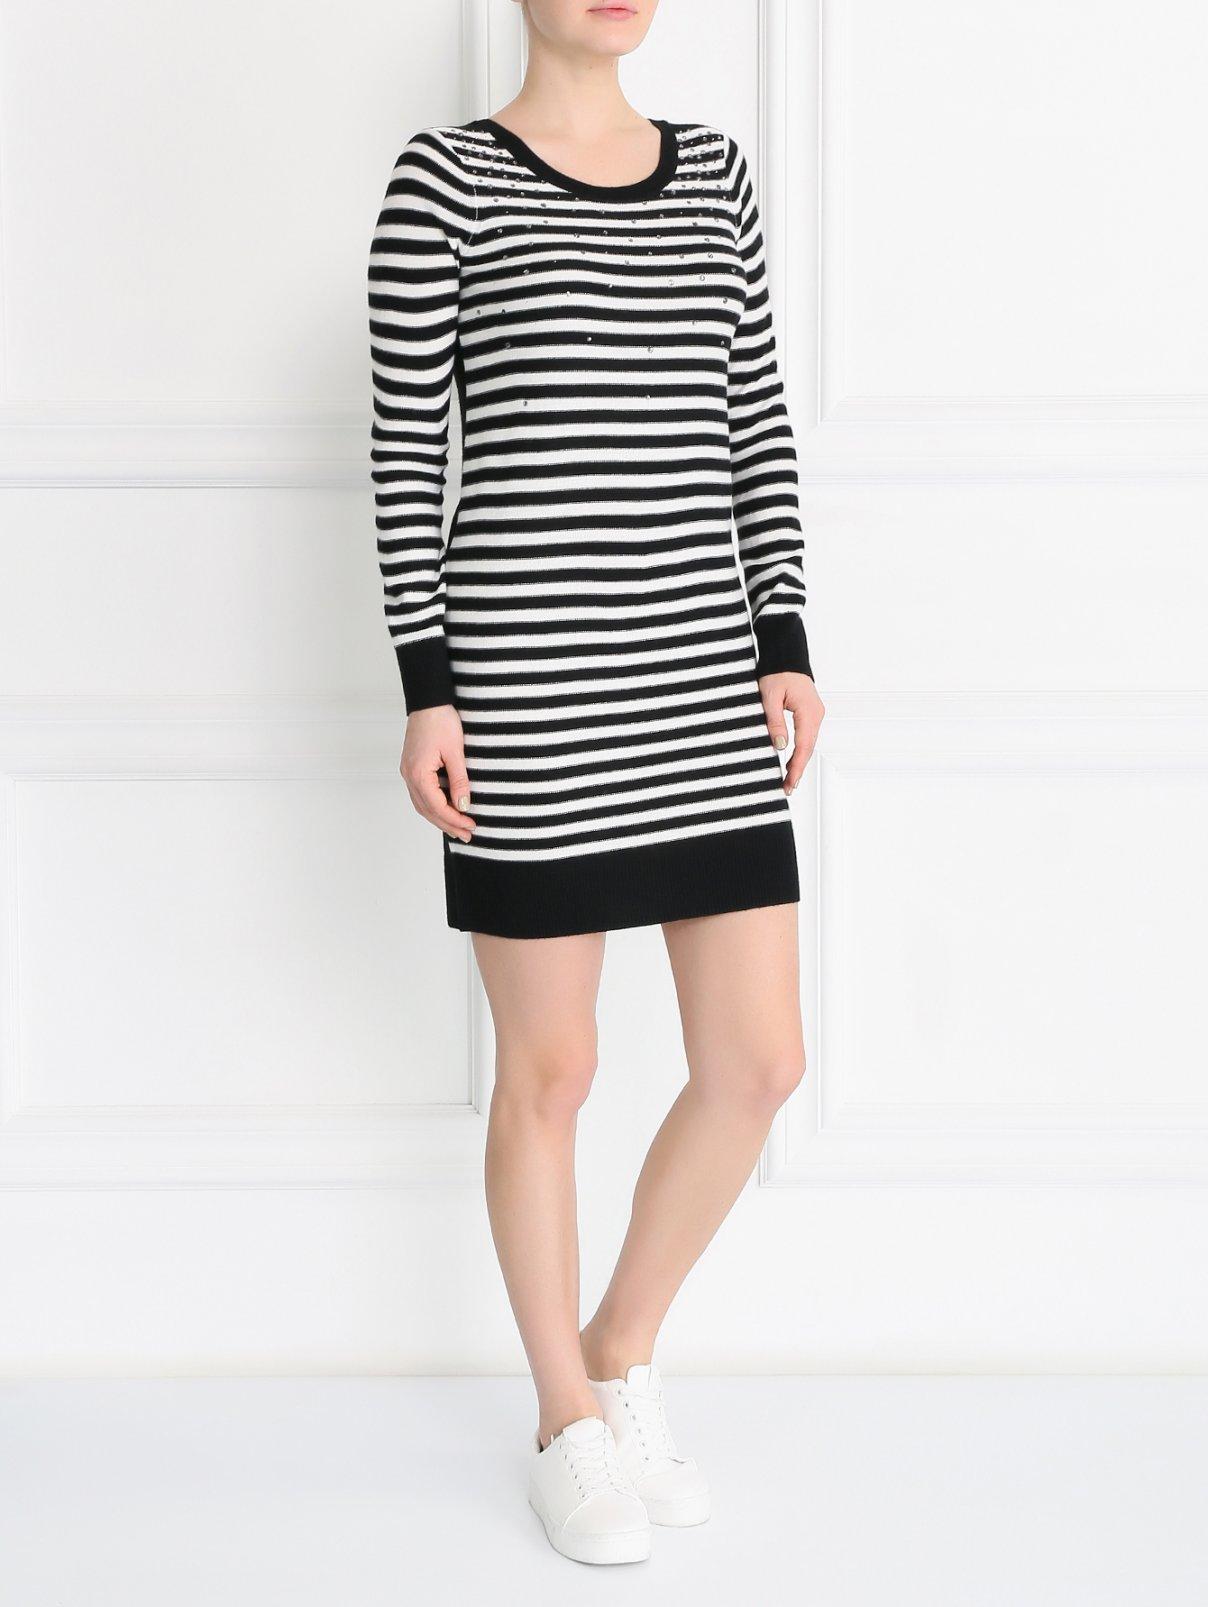 Платье  из шерсти мелкой вязки декорированное стразами Sonia By Sonia Rykiel  –  Модель Общий вид